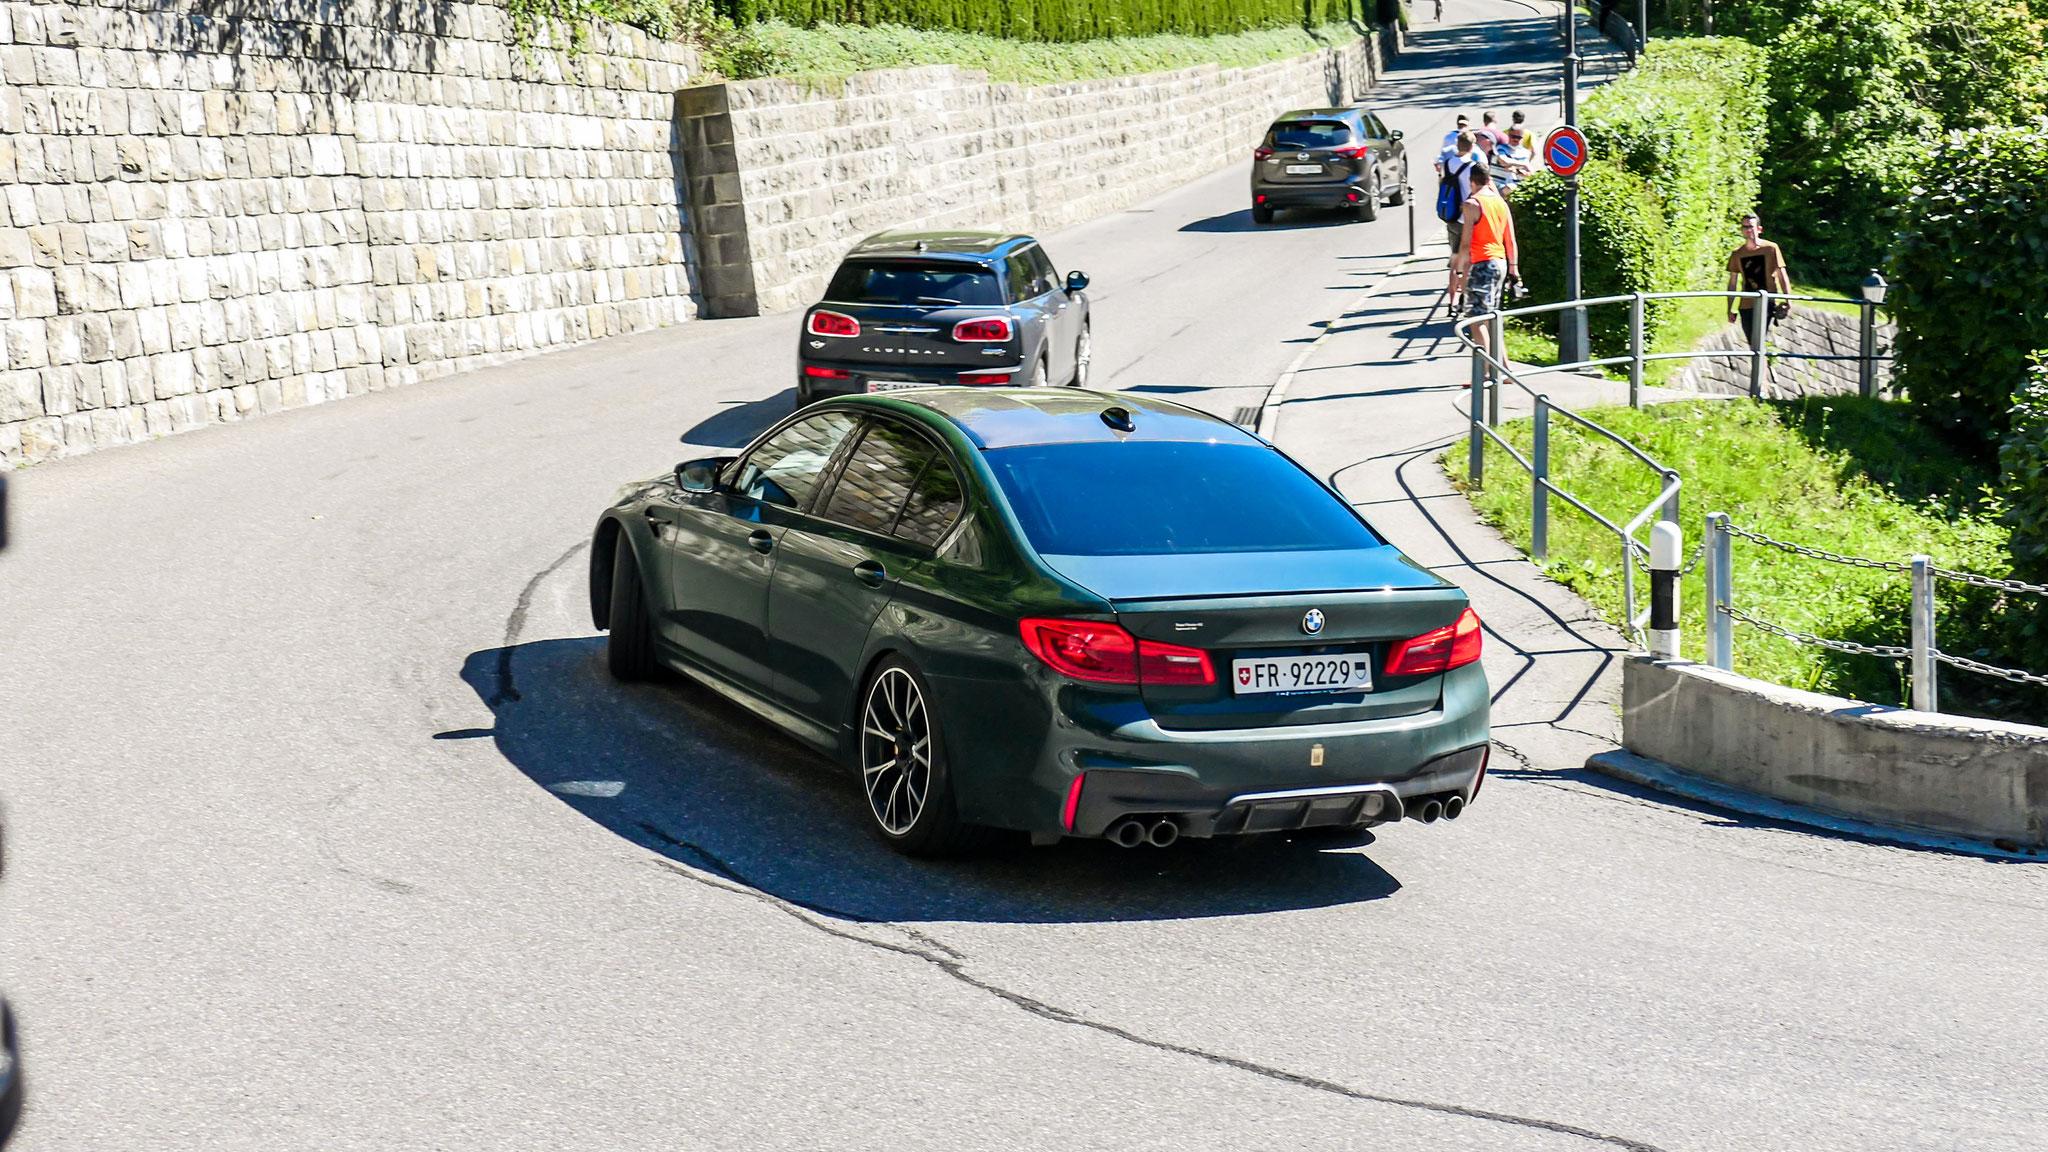 BMW M5 - FR-92229 (CH)